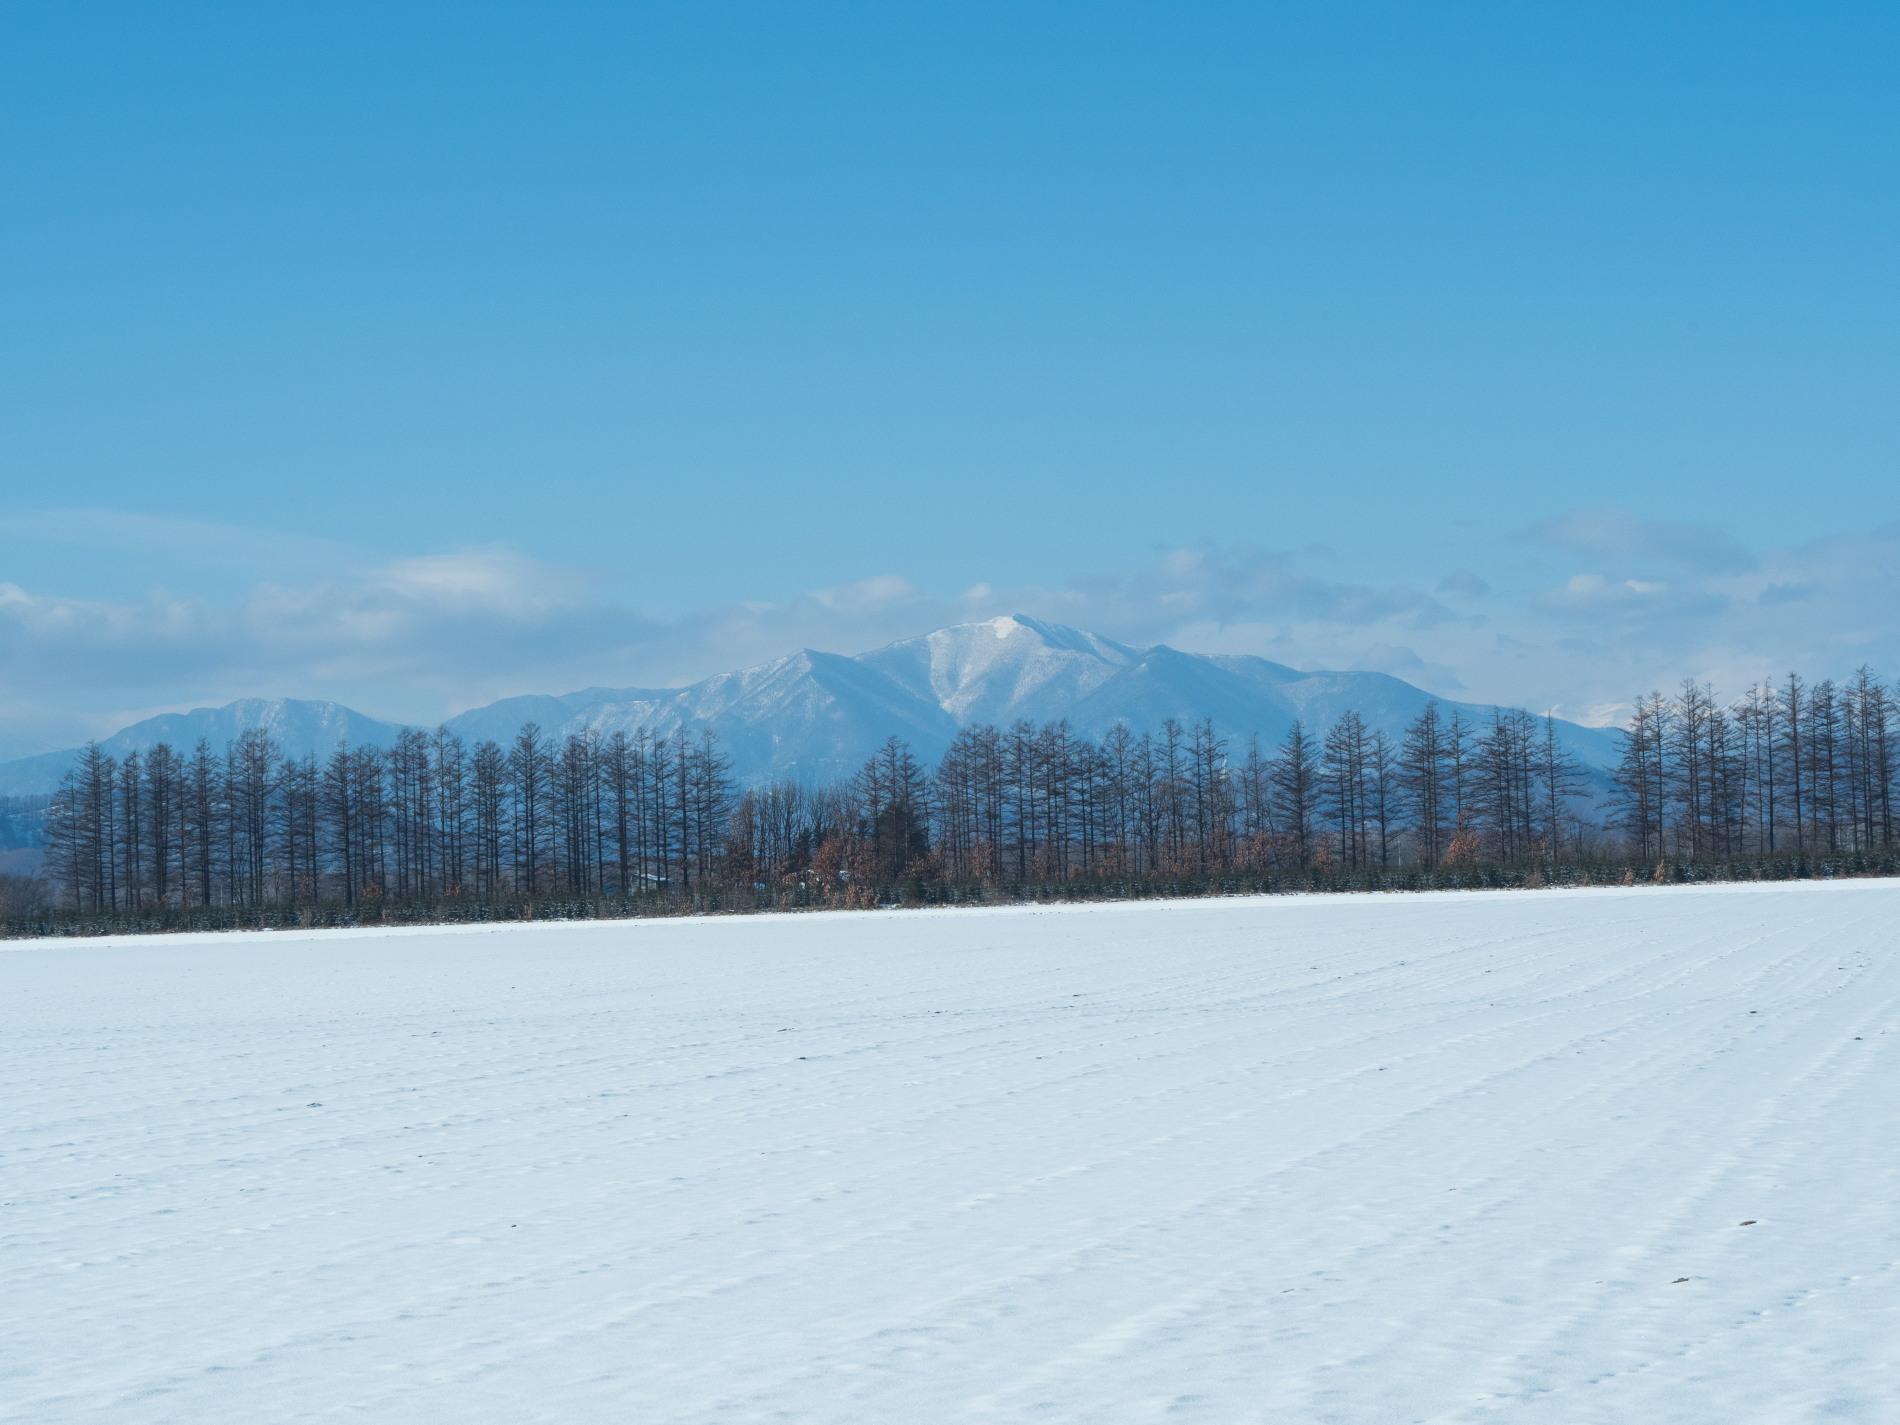 師走の中札内村の農村風景・・今年はちょっと雪が少ない?_f0276498_13533138.jpg